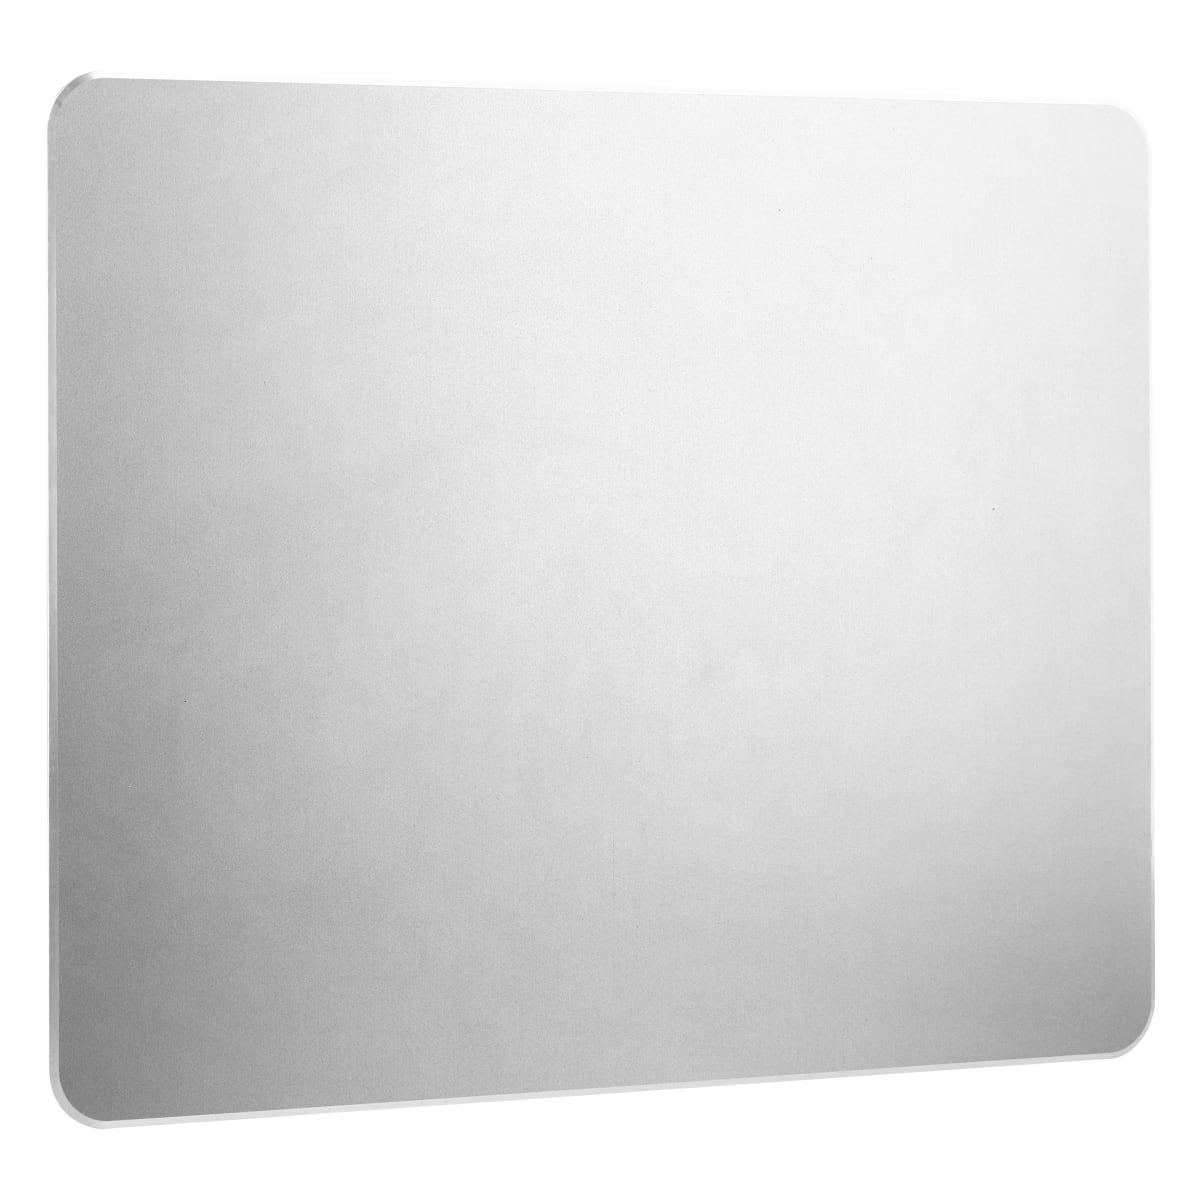 Aluminium mouse pad iClick